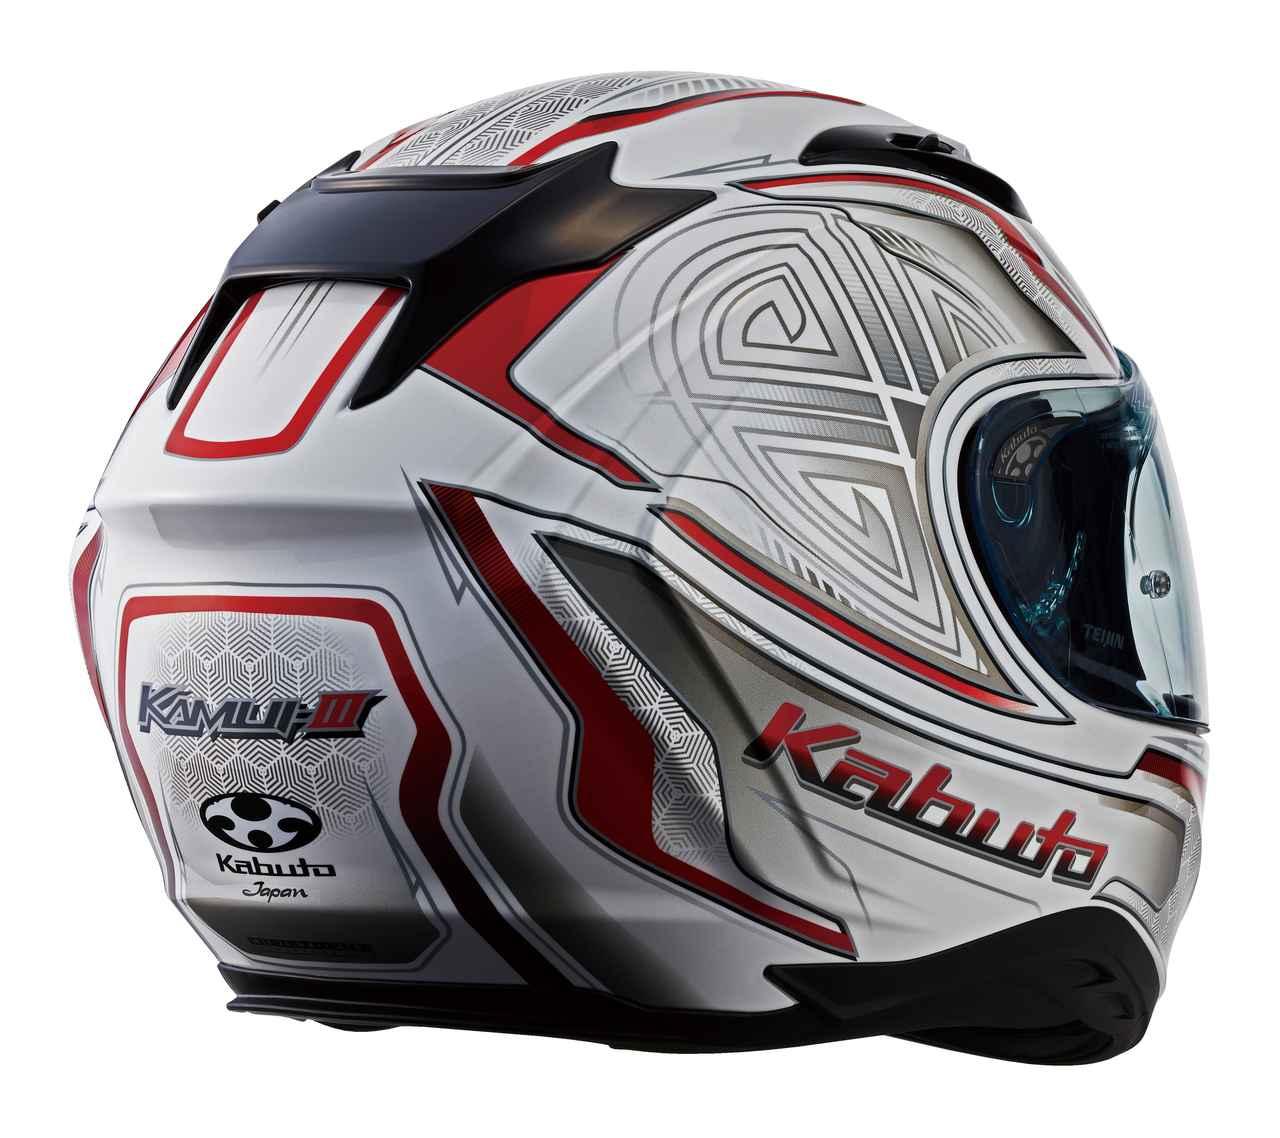 画像2: 発売されたばかりの注目のヘルメットに早くもグラフィックモデルがラインナップ